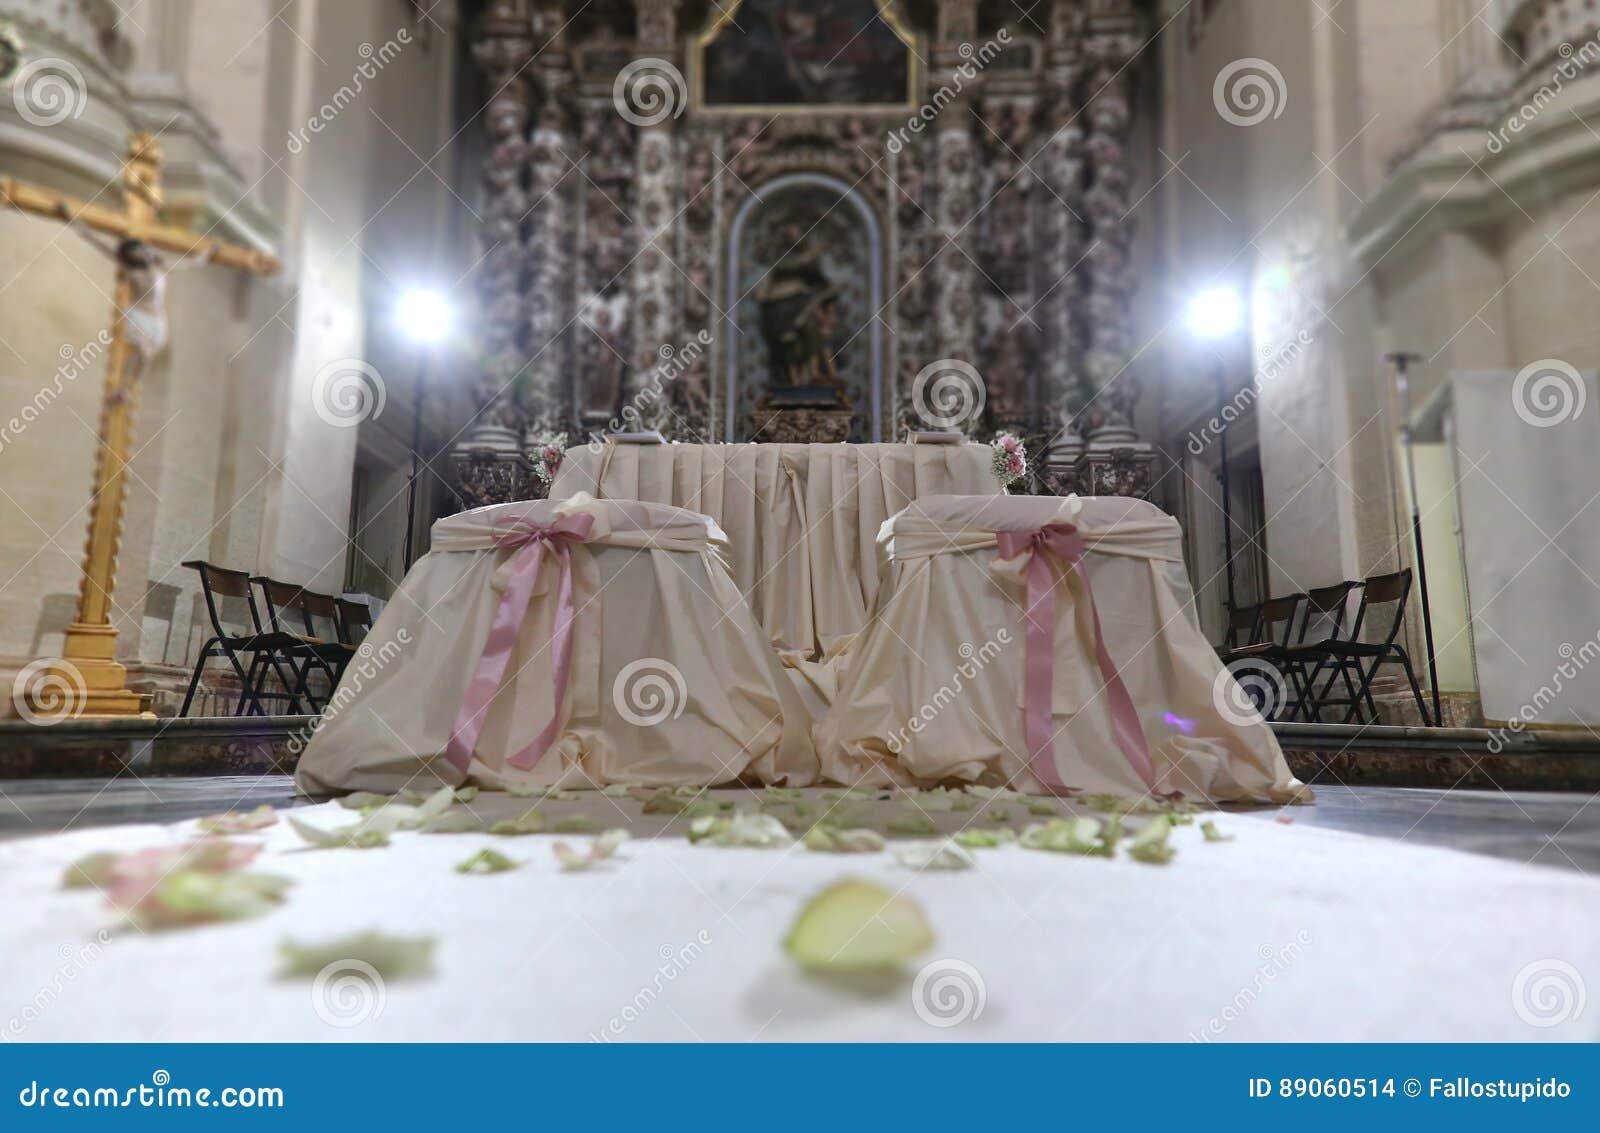 Kirche Verziert Mit Blumen Fur Die Hochzeit Stockfoto Bild Von